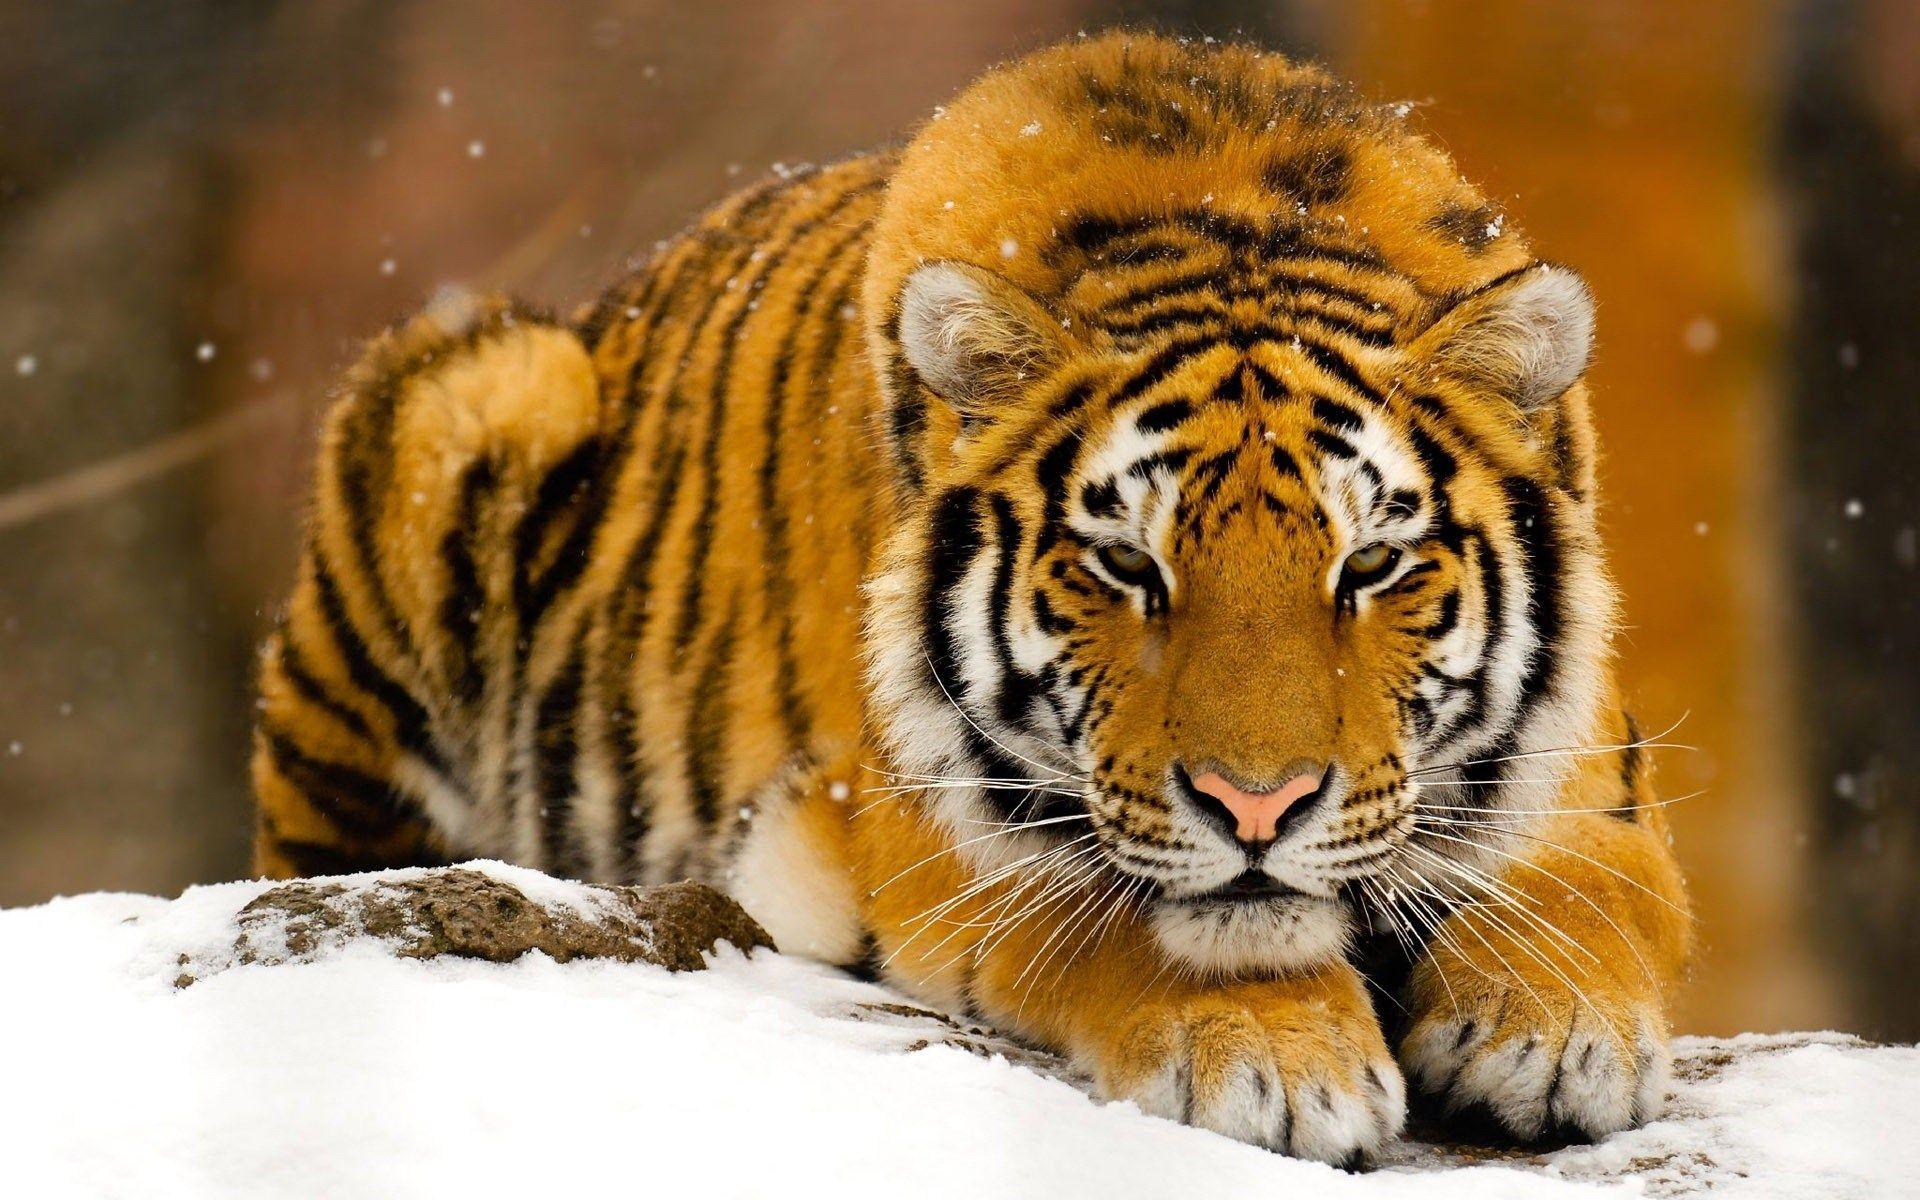 Tiger Desktop Wallpaper Hd Pics